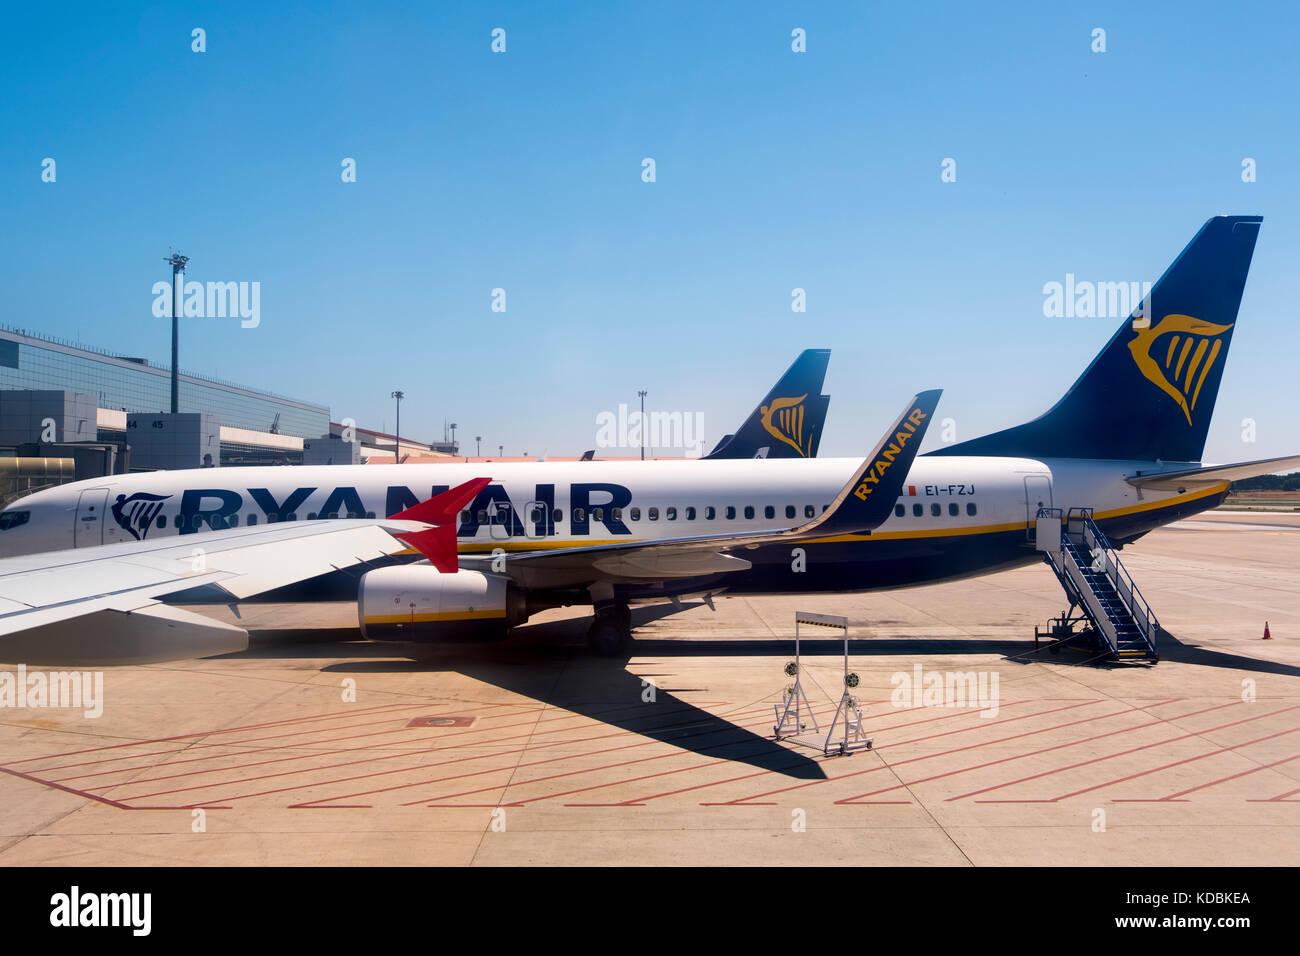 Un avión de pasajeros de Ryanair en el aeropuerto internacional de Málaga Pablo Ruiz Picasso. Costa del Imagen De Stock